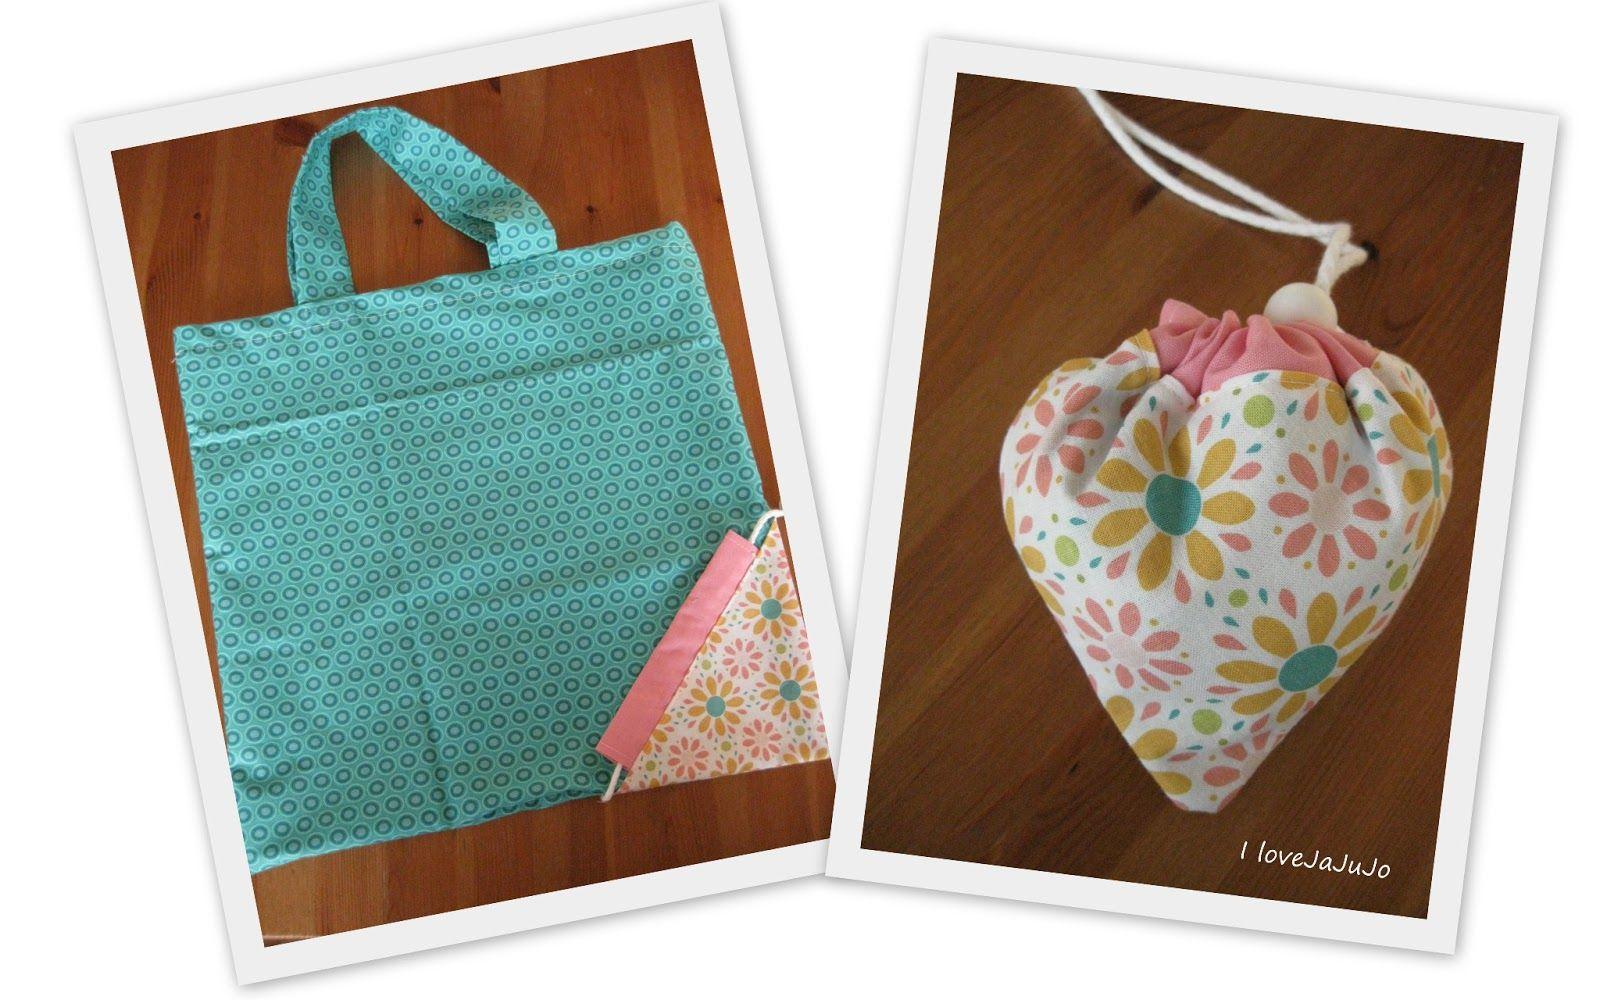 i love jojujanna: Tutorial: Faltbare Einkaufstasche | FREE Sewing ...